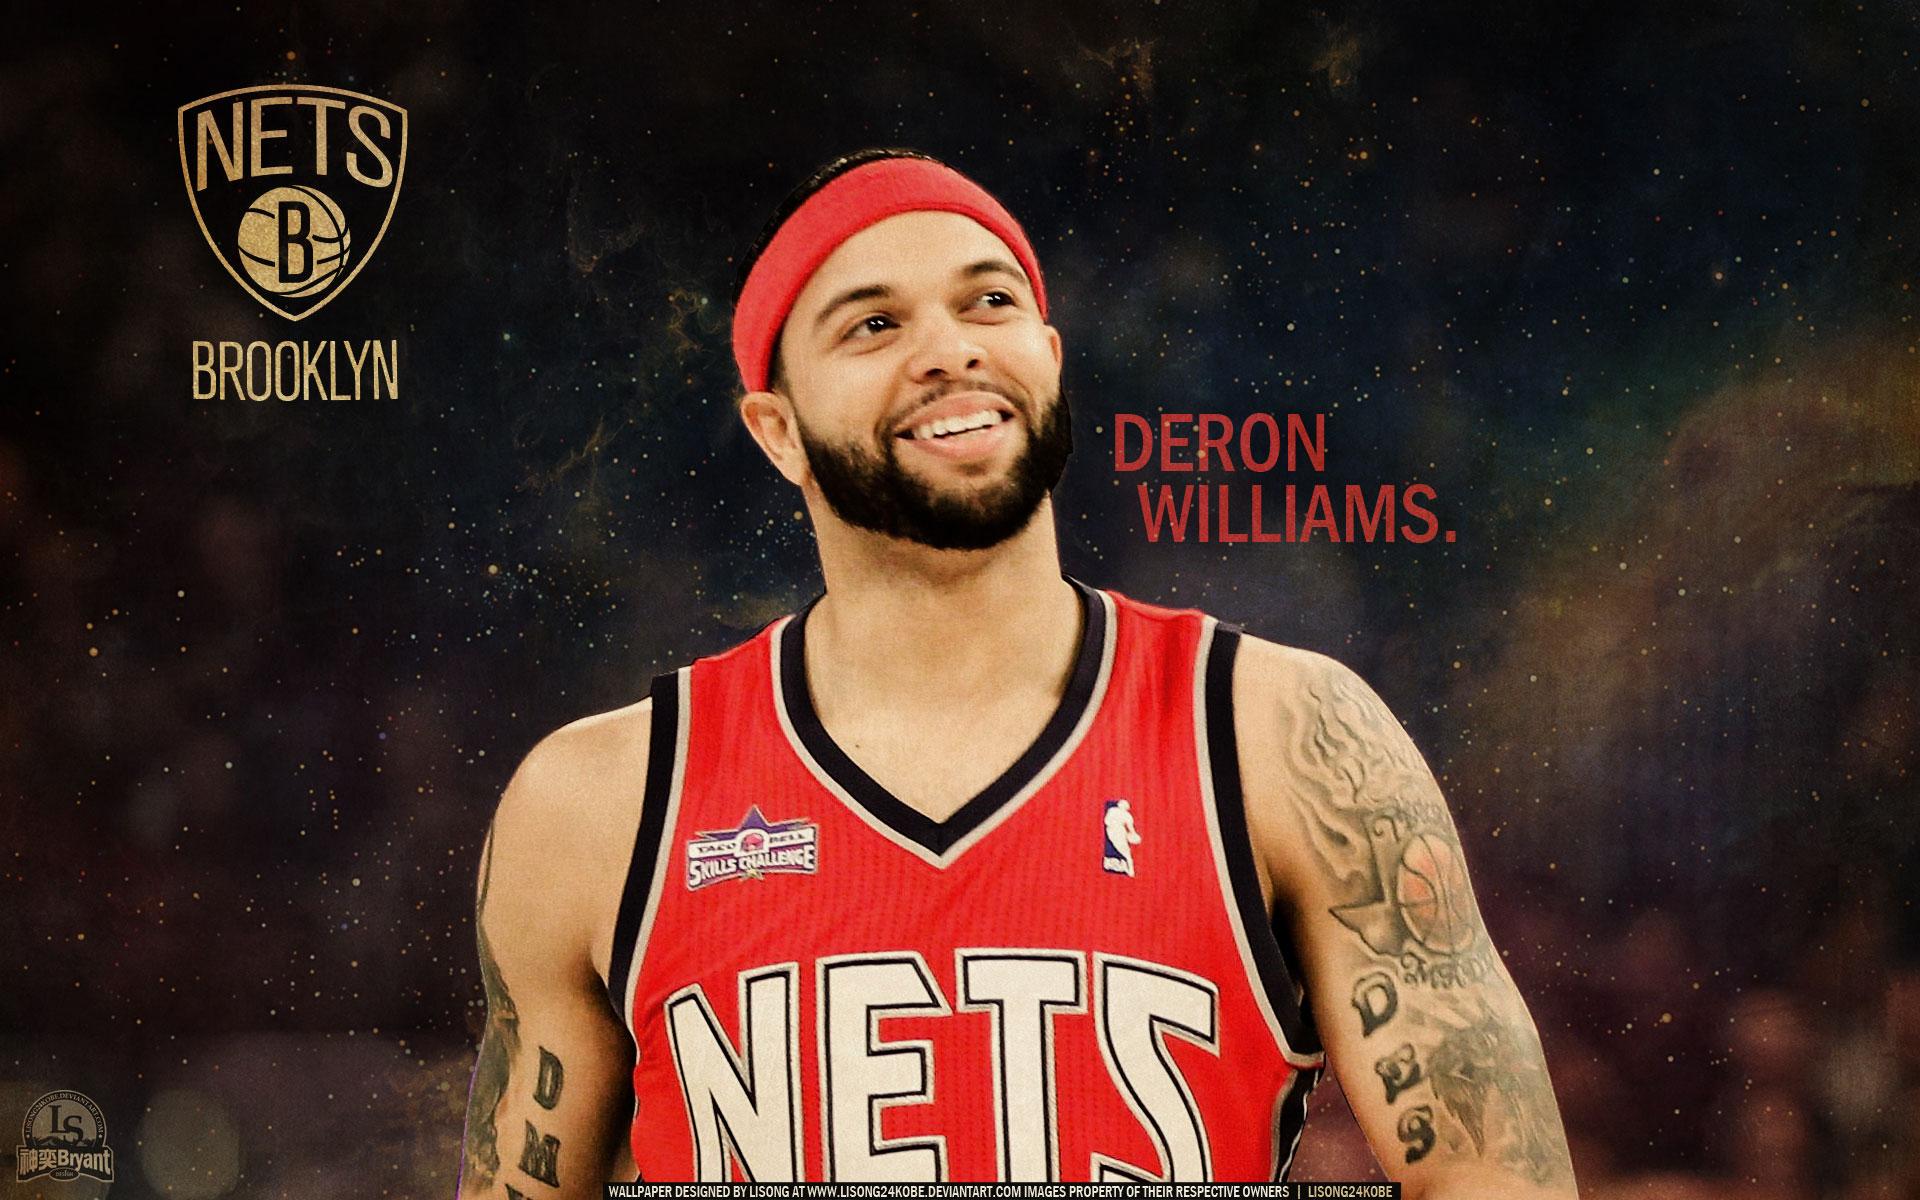 Deron Williams Brooklyn Nets 1920x1200 Wallpaper